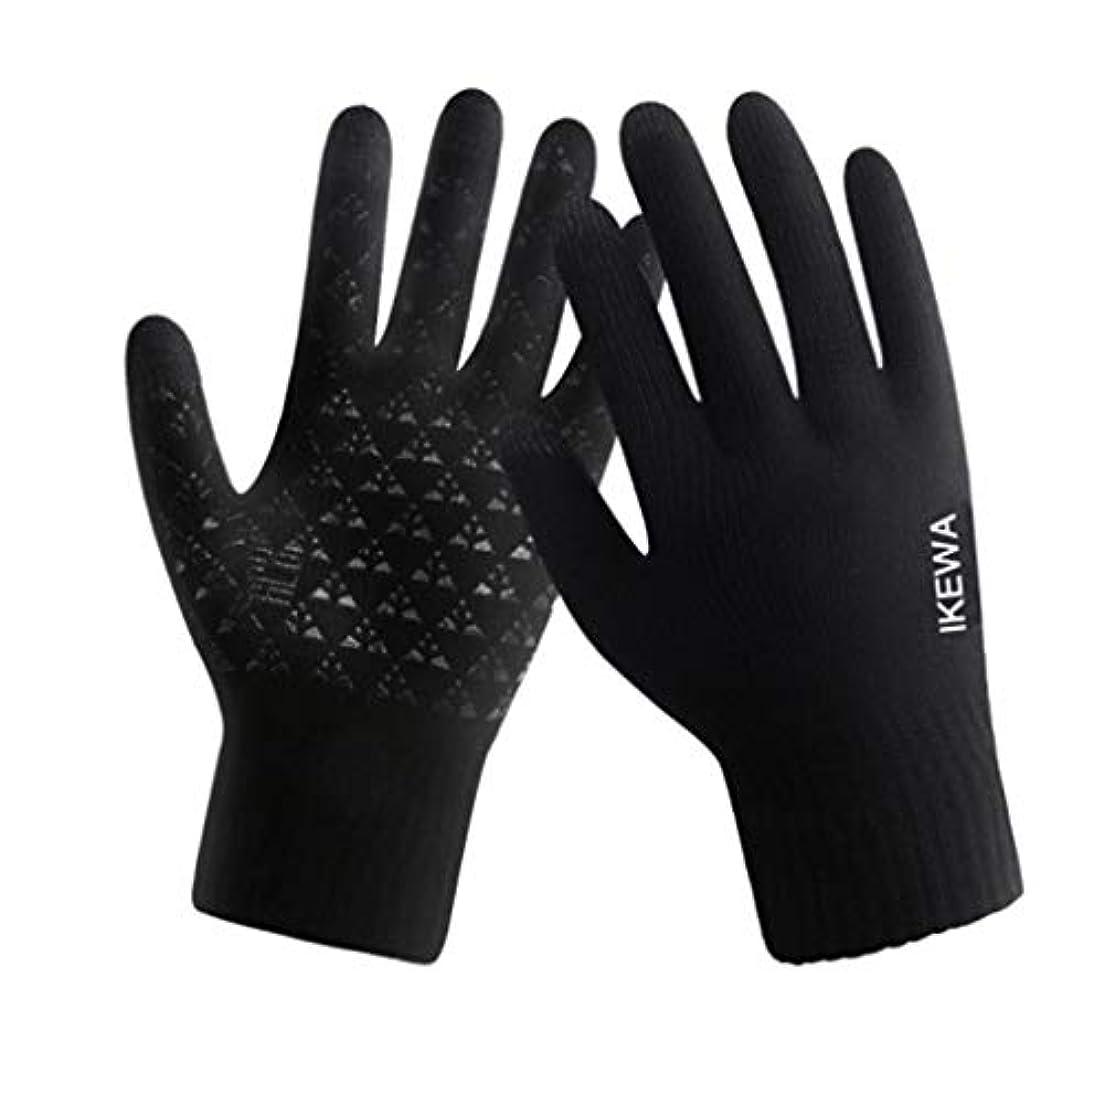 奇跡的な抵抗するのり冬の羊毛の手袋、男性と女性、サイクリング、暖かいニット、タッチスクリーン、5本指の手袋、黒(男性)